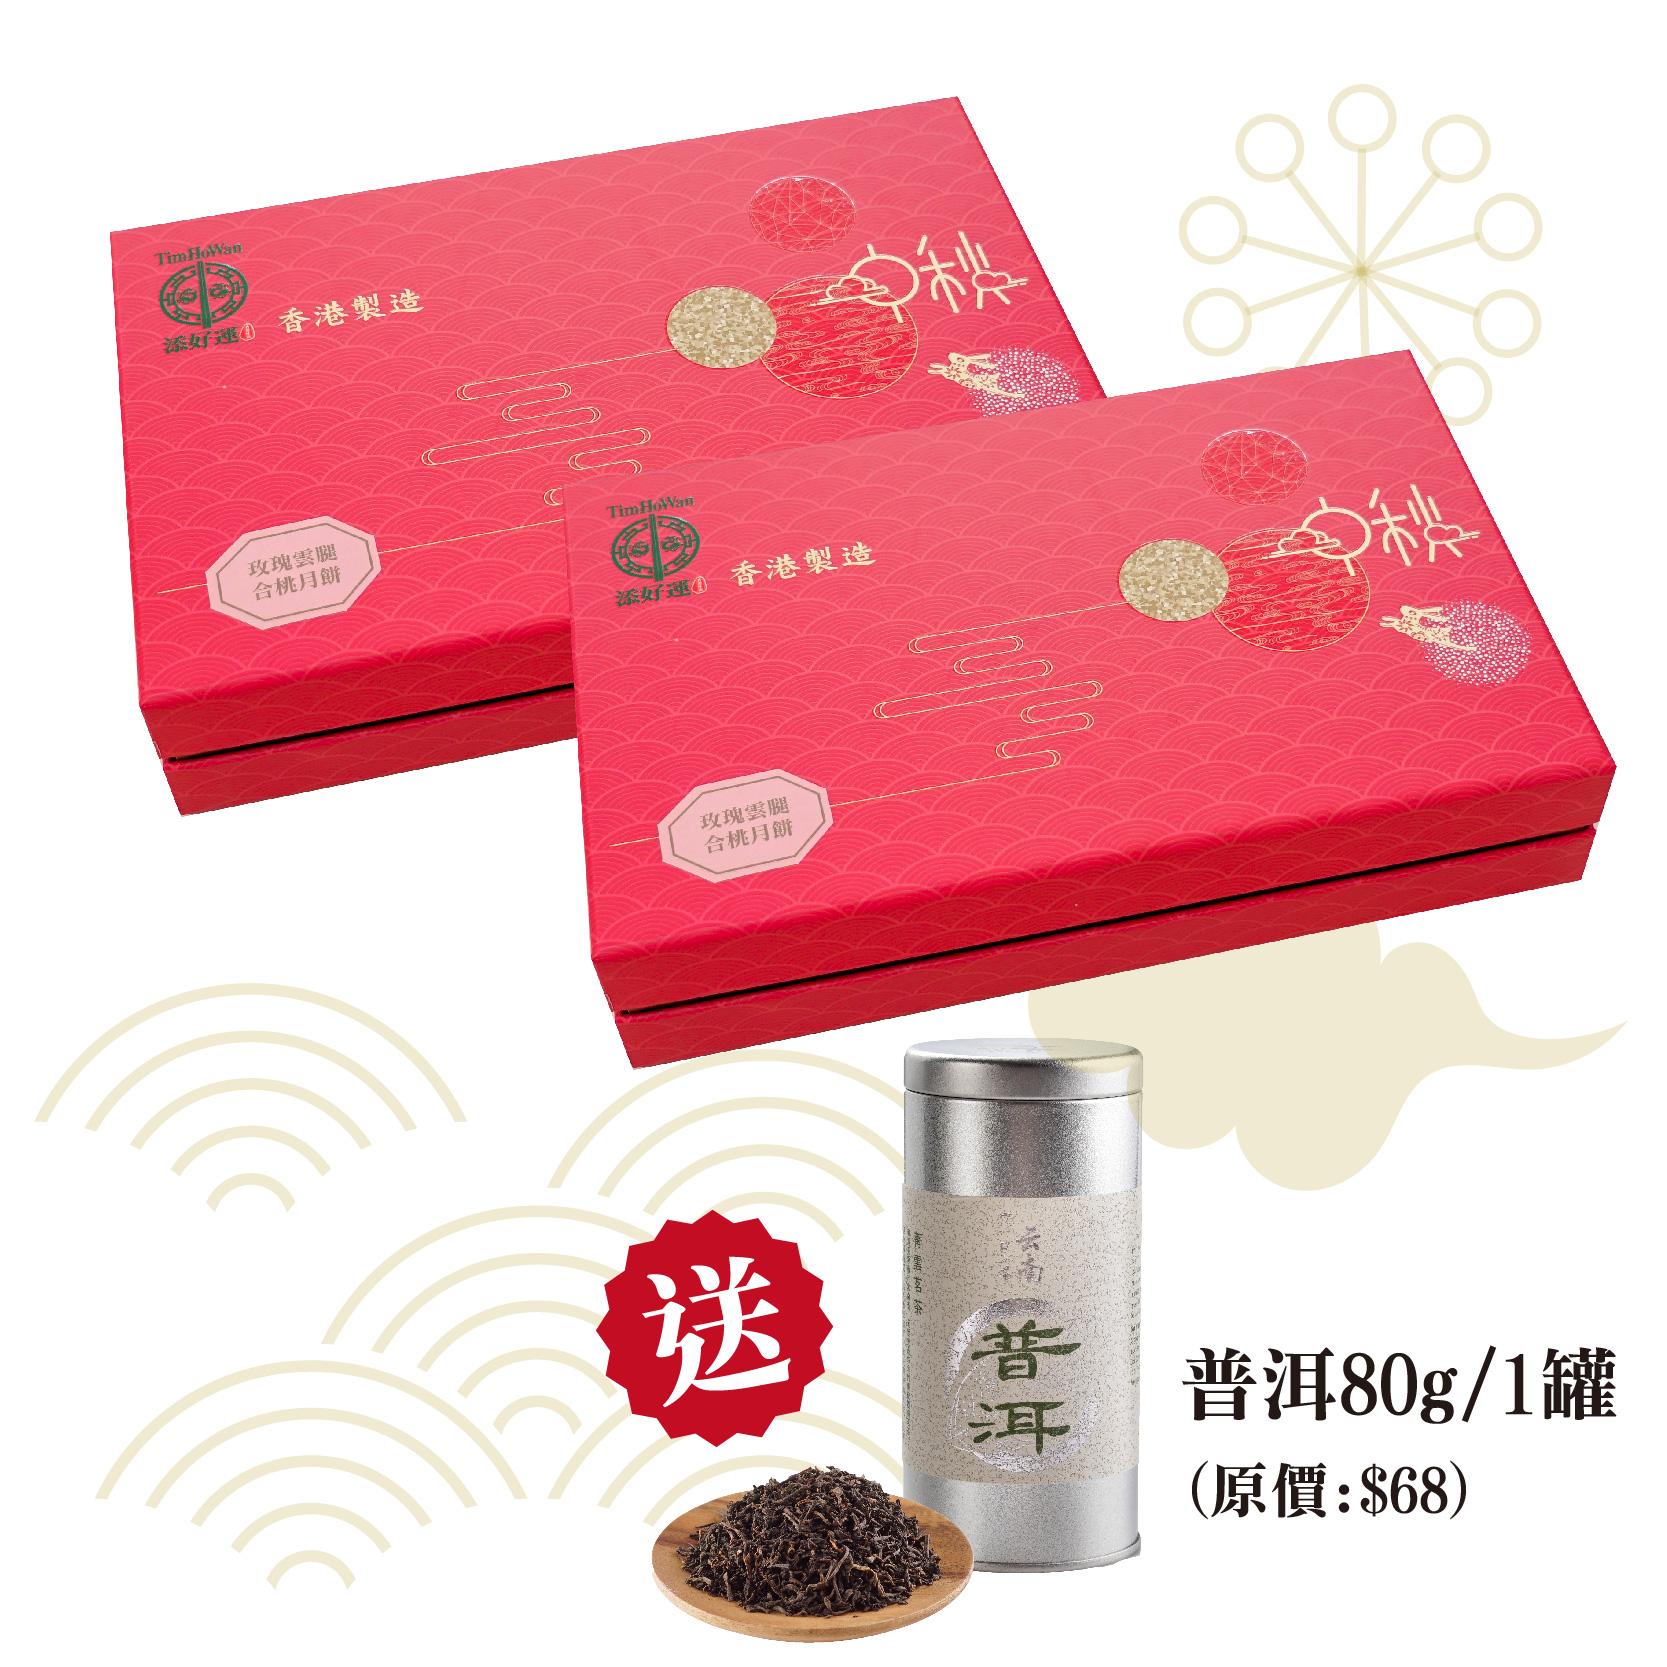 添好運 玫瑰雲腿合桃月餅X 2 (現貨), 送雲南普洱80g 1罐